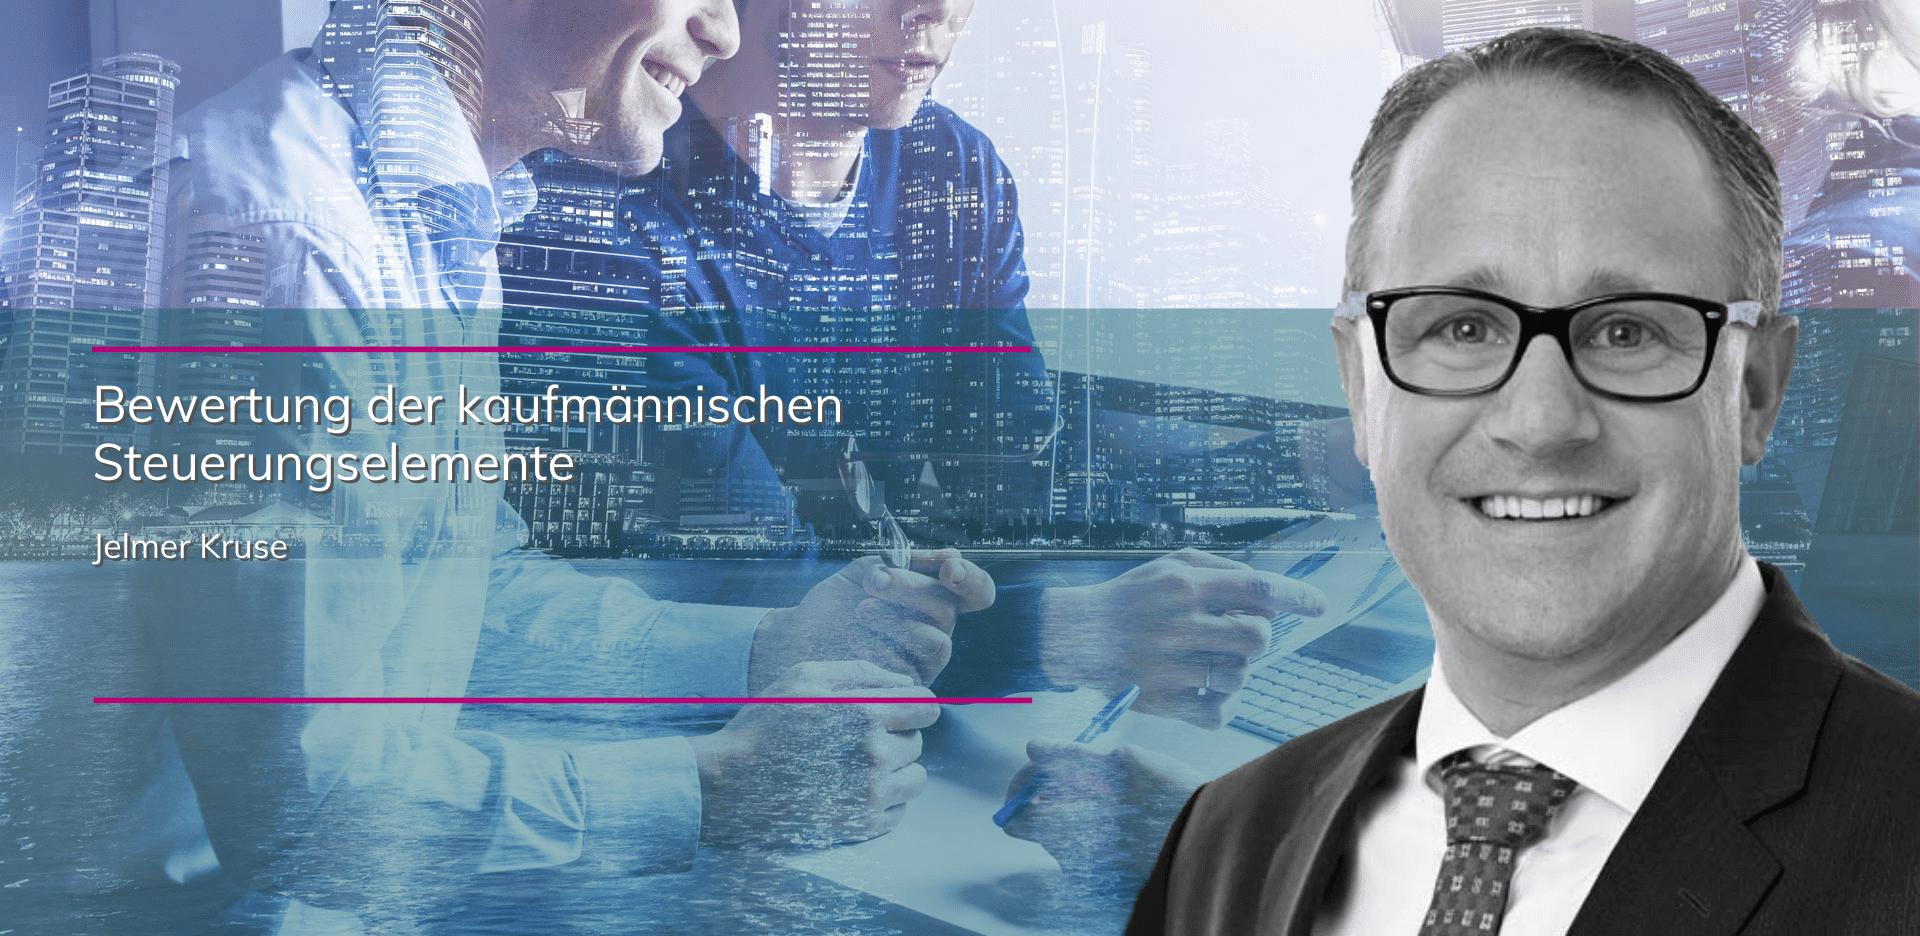 plenovia-blog-Kruse-Jelmer-Bewertung der kaufmännischen Steuerungselemente unternehmensberatung-restrukturierung-sanierungskonzepte-düsseldorf-frankfurt-berlin